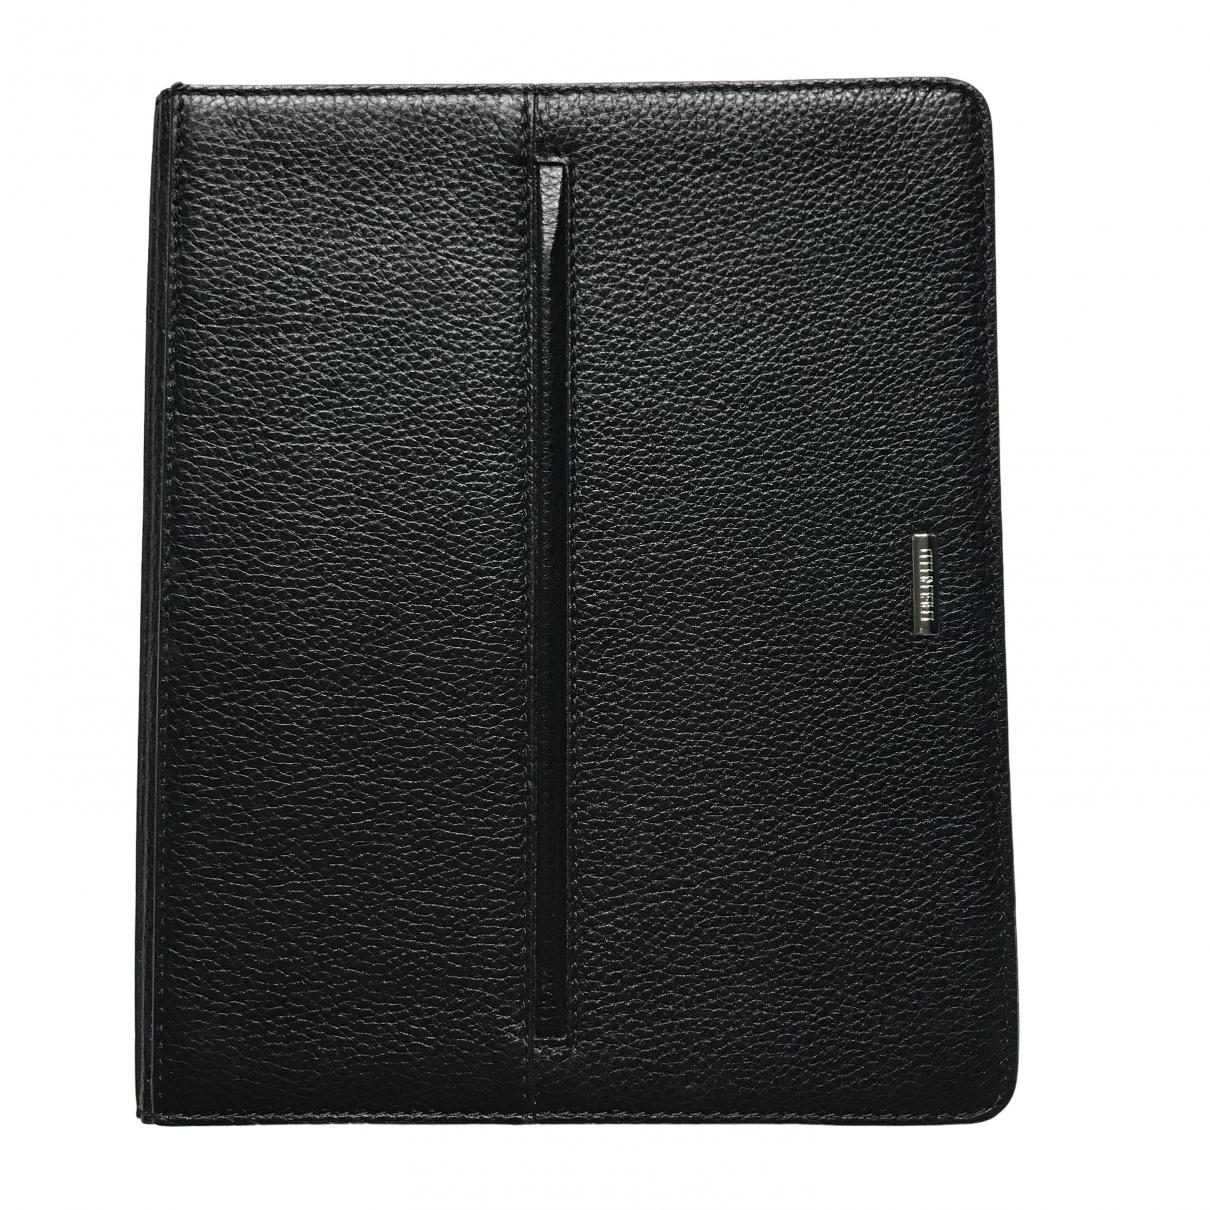 Karl Lagerfeld - Accessoires   pour lifestyle en cuir - noir